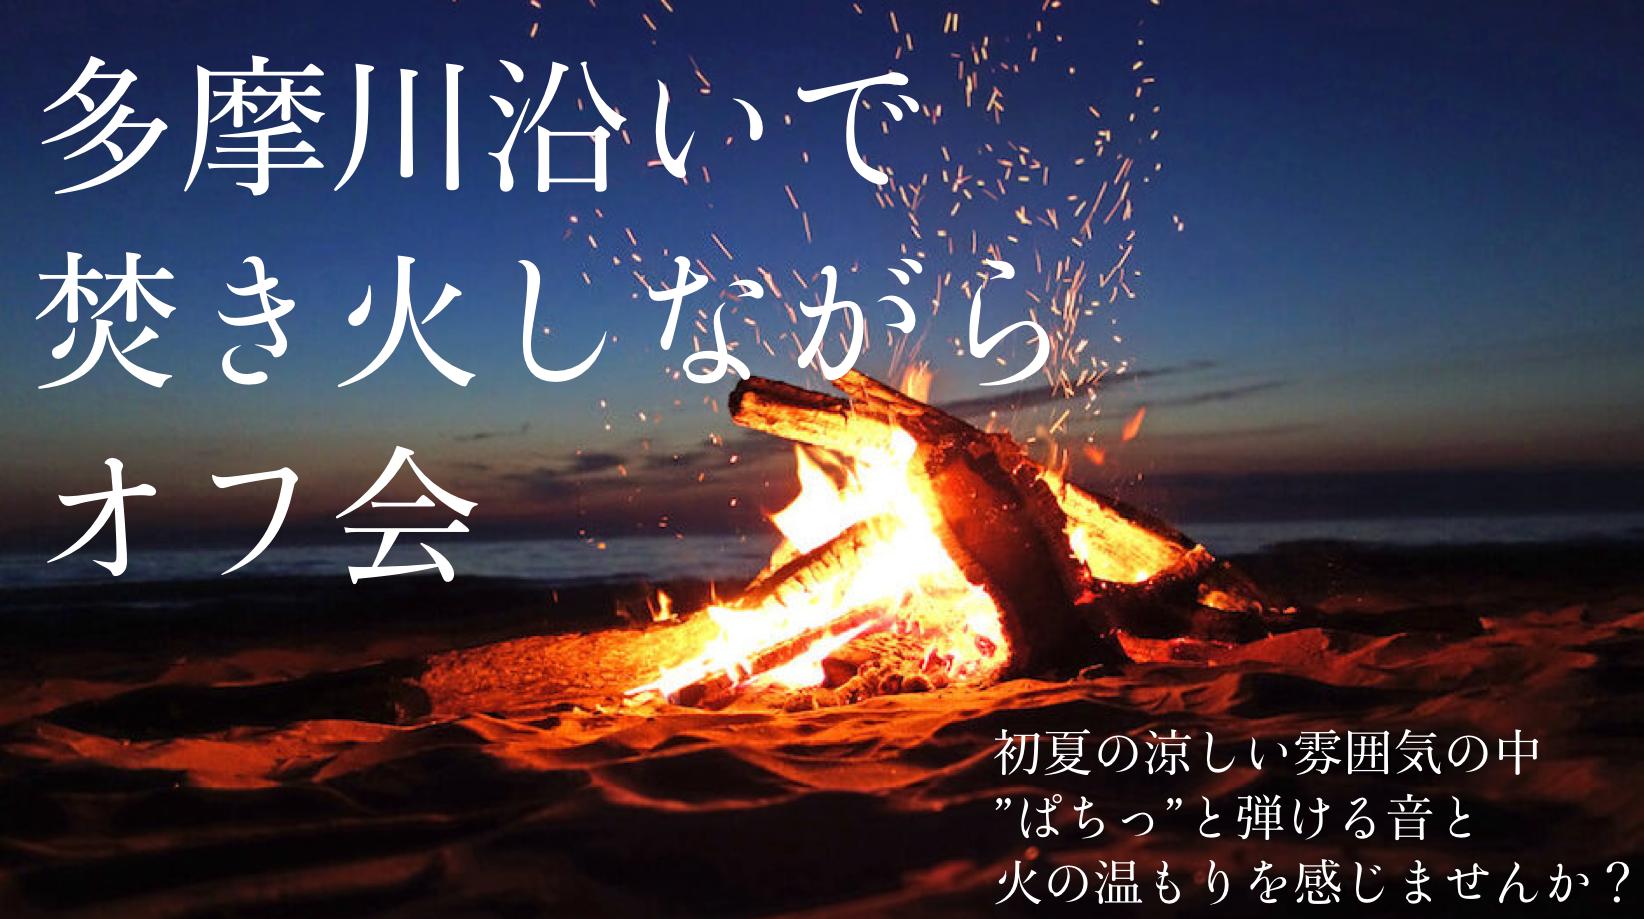 7/22(日)古民家カフェで作業会&多摩川沿いで焚き火しながらオフ会しませんか!?